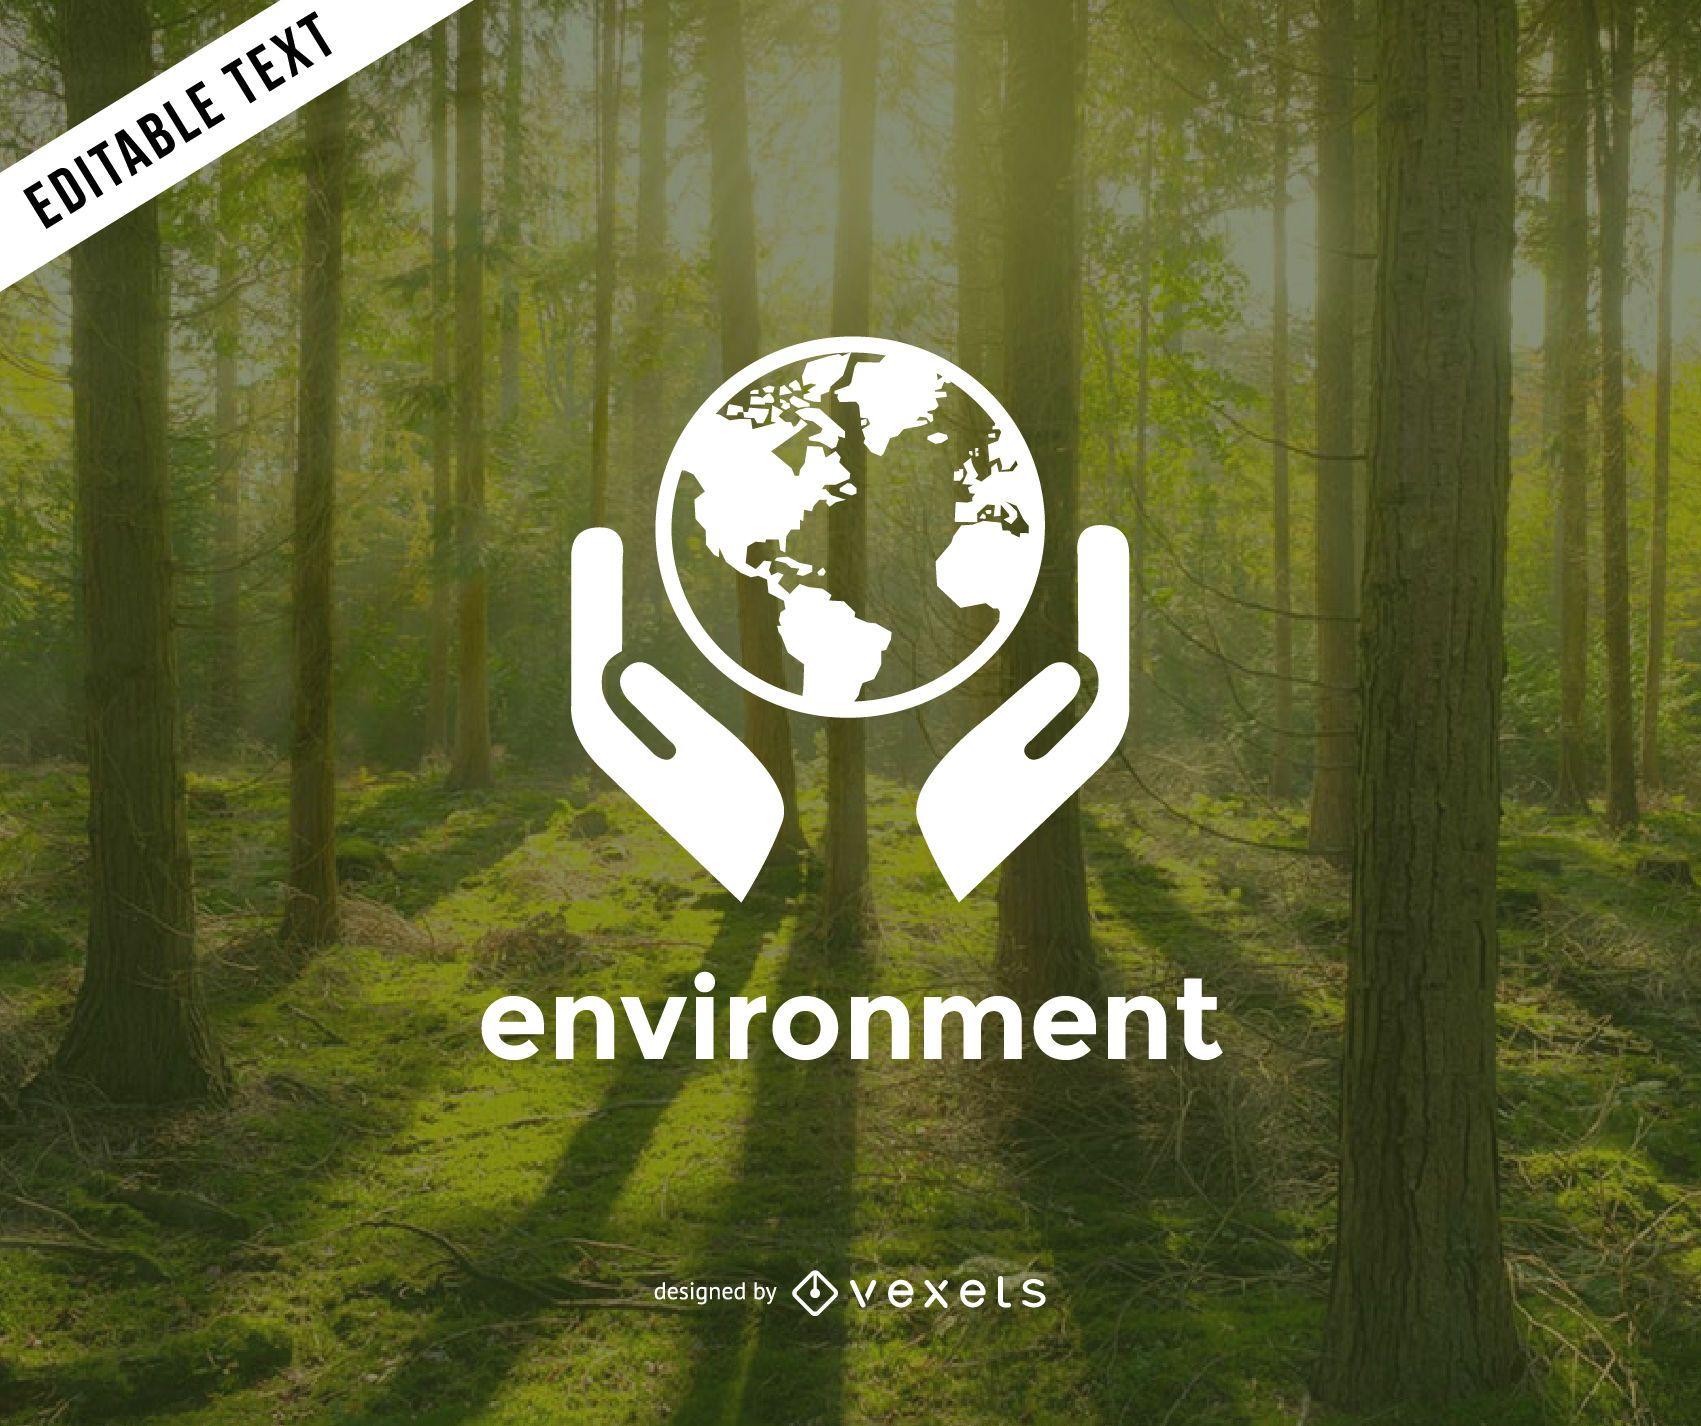 Plantilla de logotipo de medio ambiente terrestre